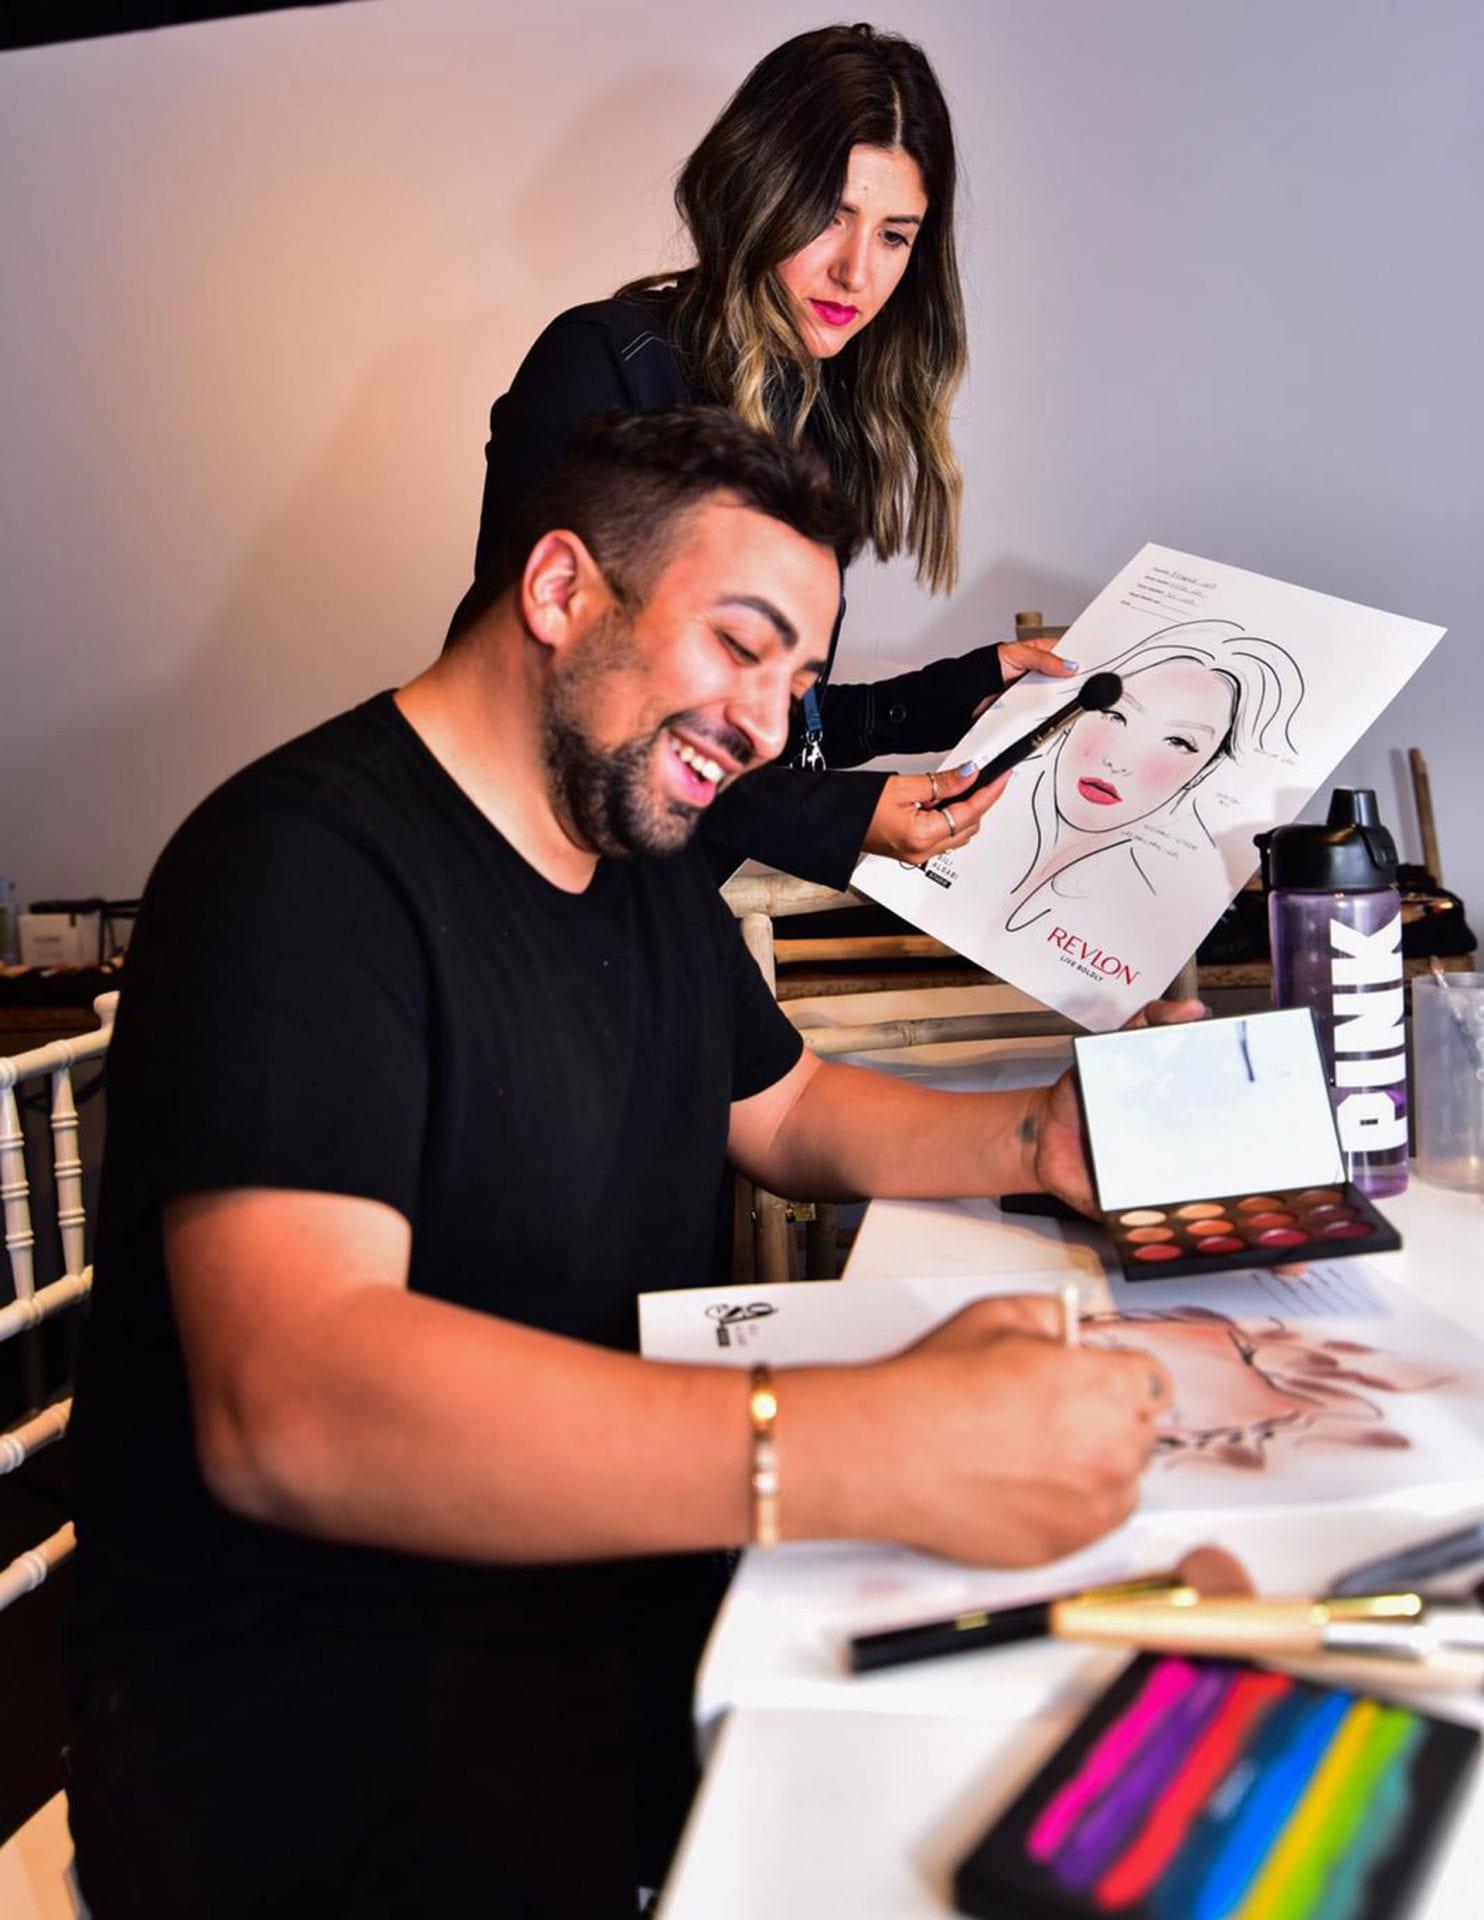 אירוויזיון 2019, גילי אלגבי המאפר הראשי של האירוויזיון מטעם רבלון צילום צילום Danial Anduriel - 5